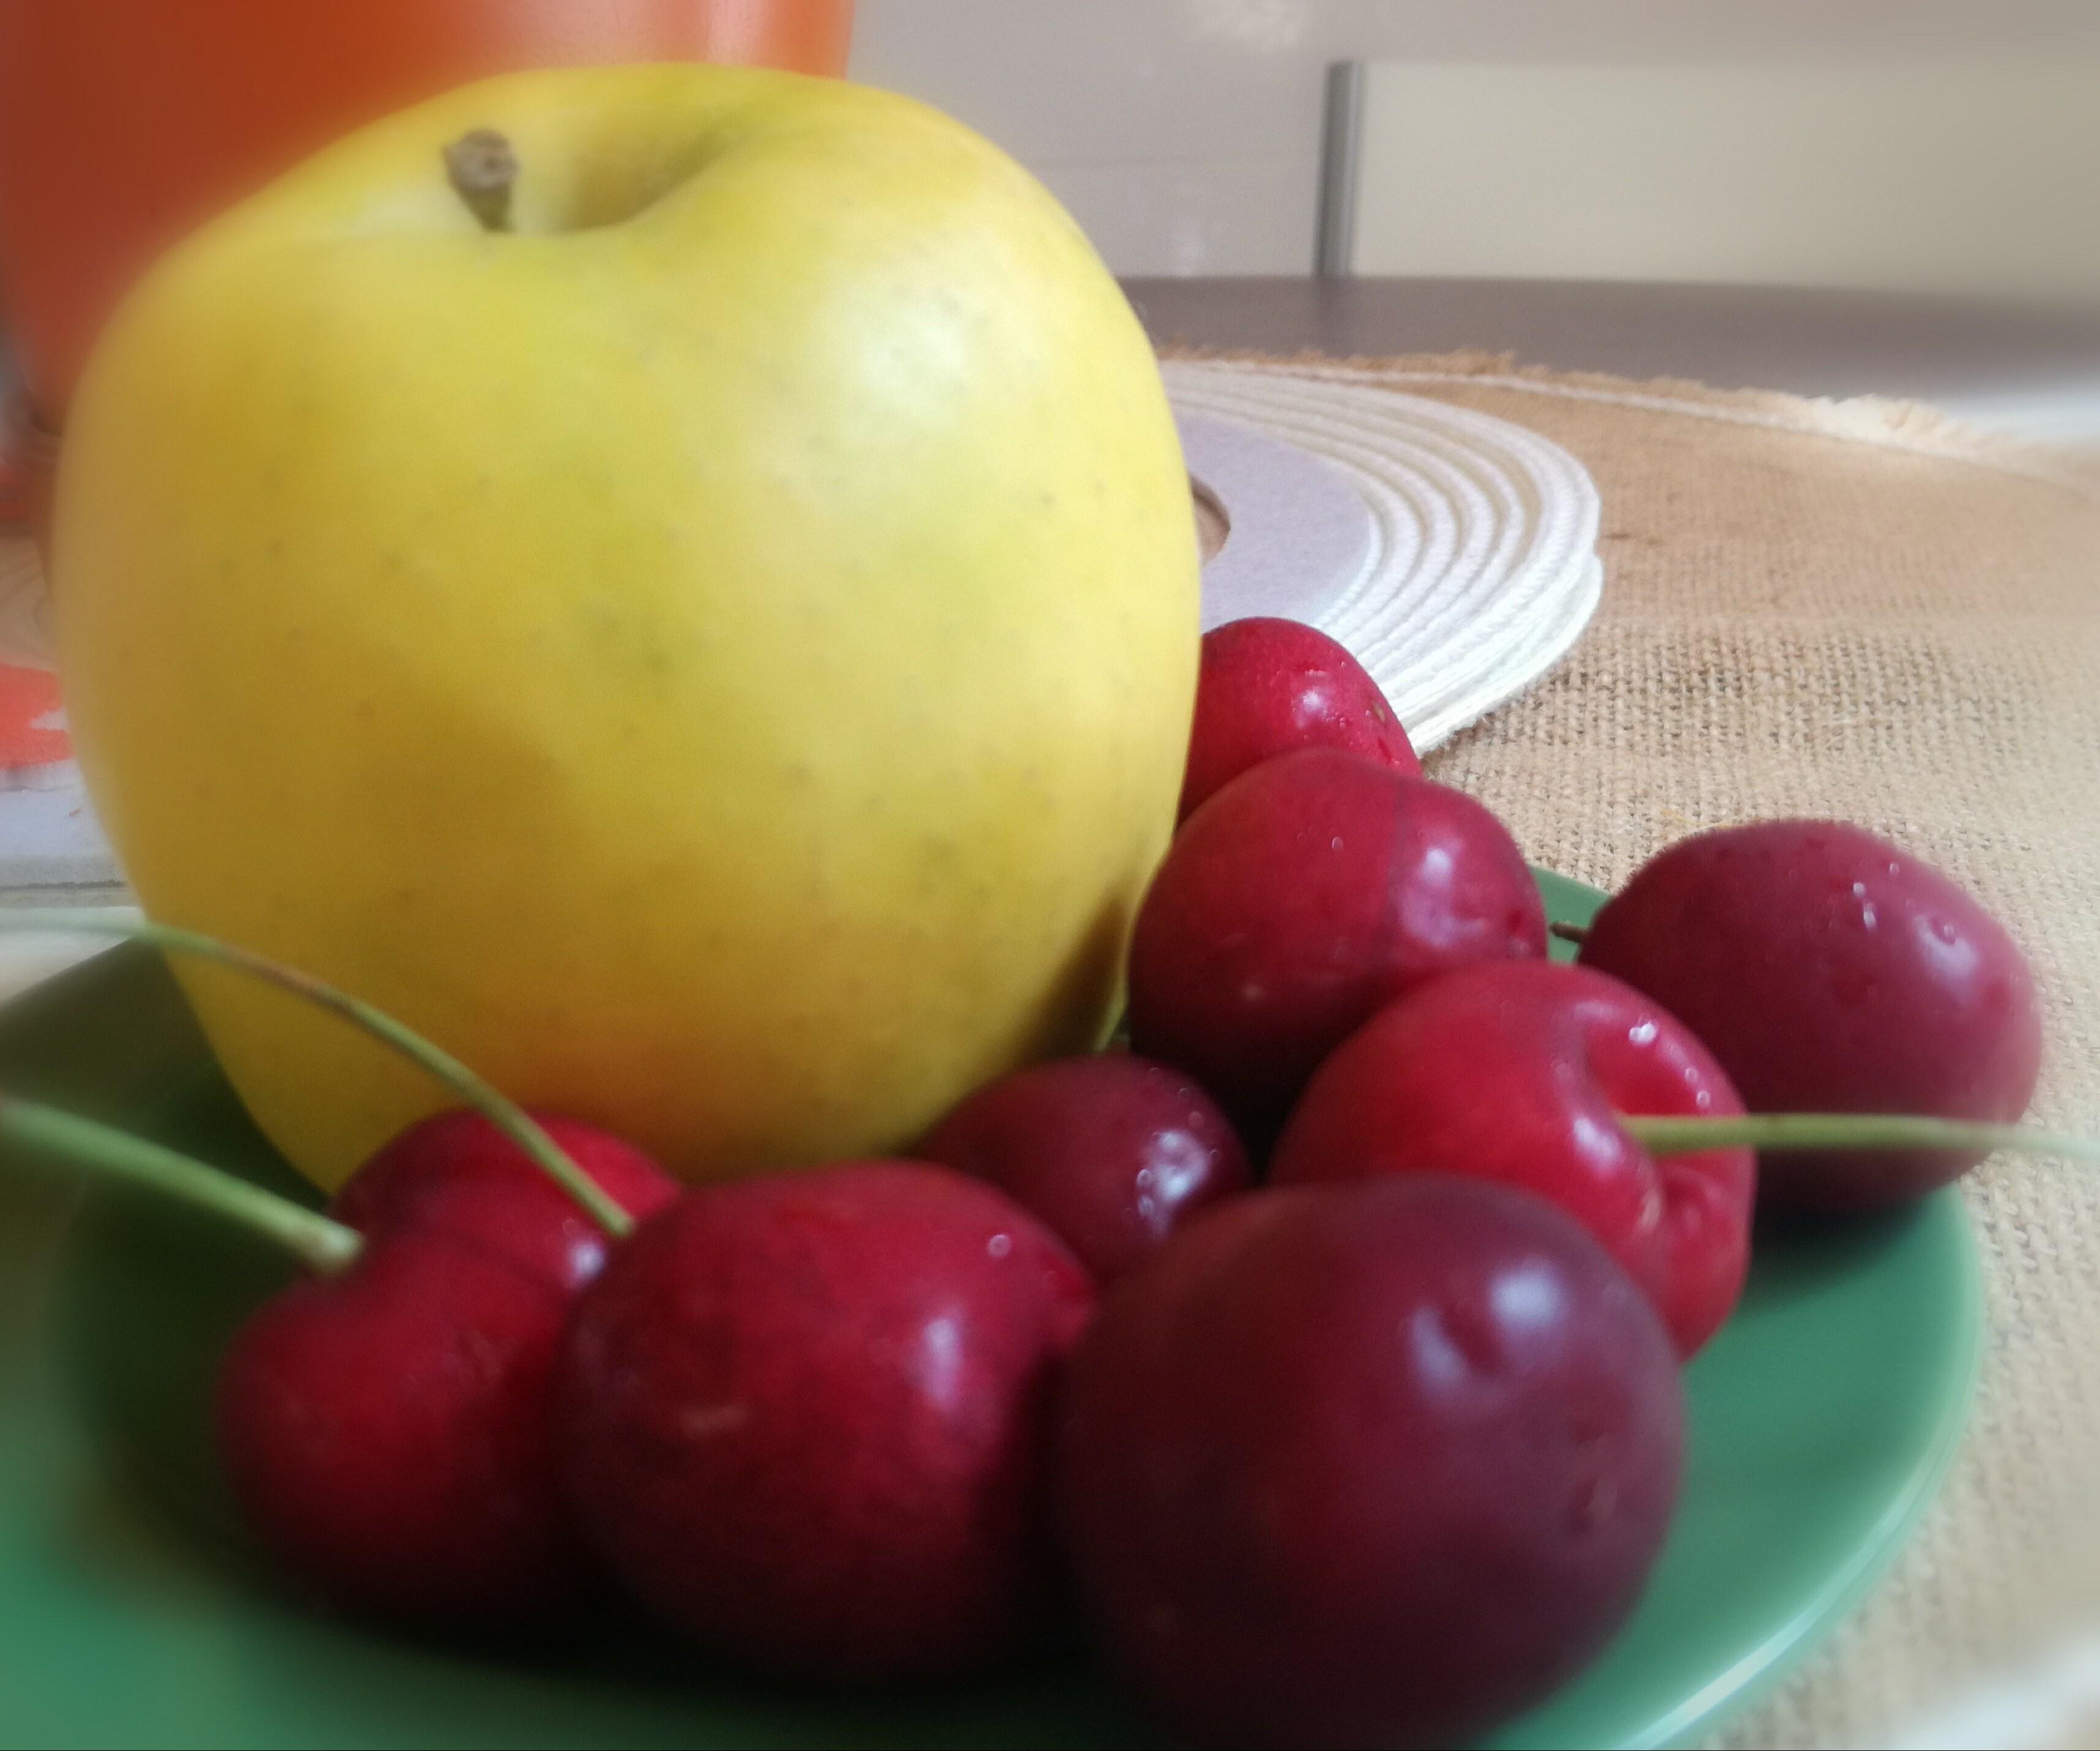 Mi merienda, una manzana y cerezas.